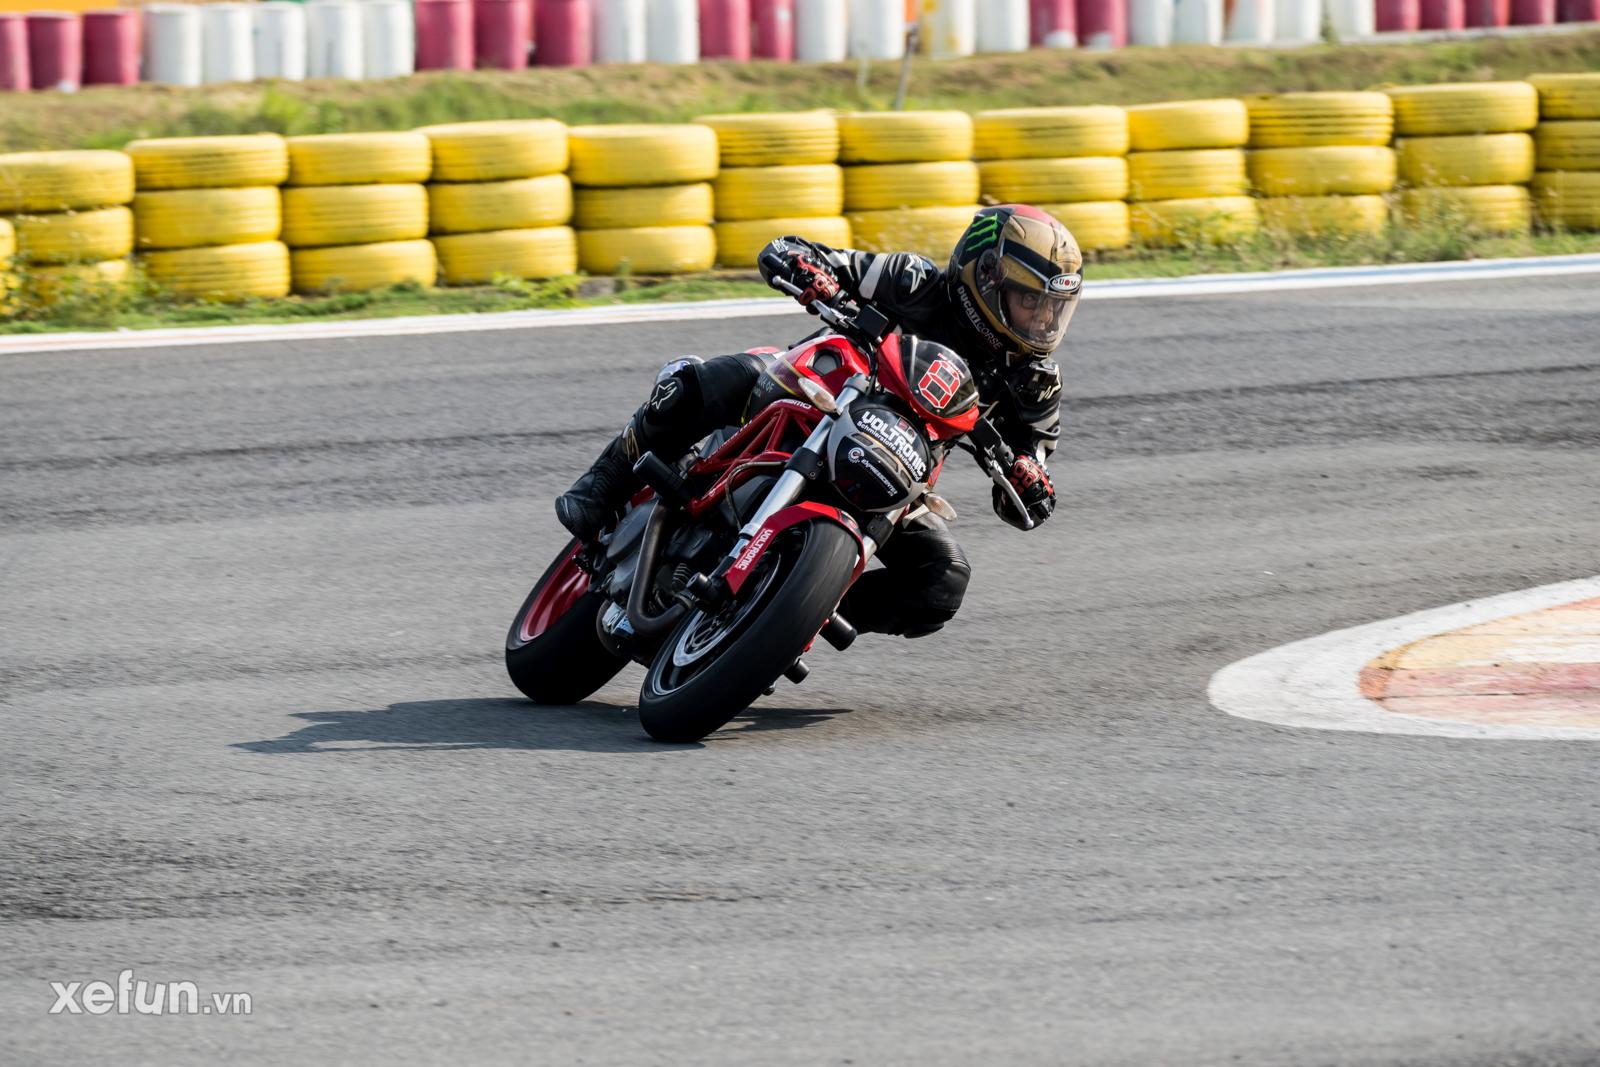 Các tay đua nài xe phân khối lớn PKL BMW S1000RR Ducati Monster Kawasaki Ninja ZX10R tại Trường đua Đại Nam trên Xefun (140)Ử3T